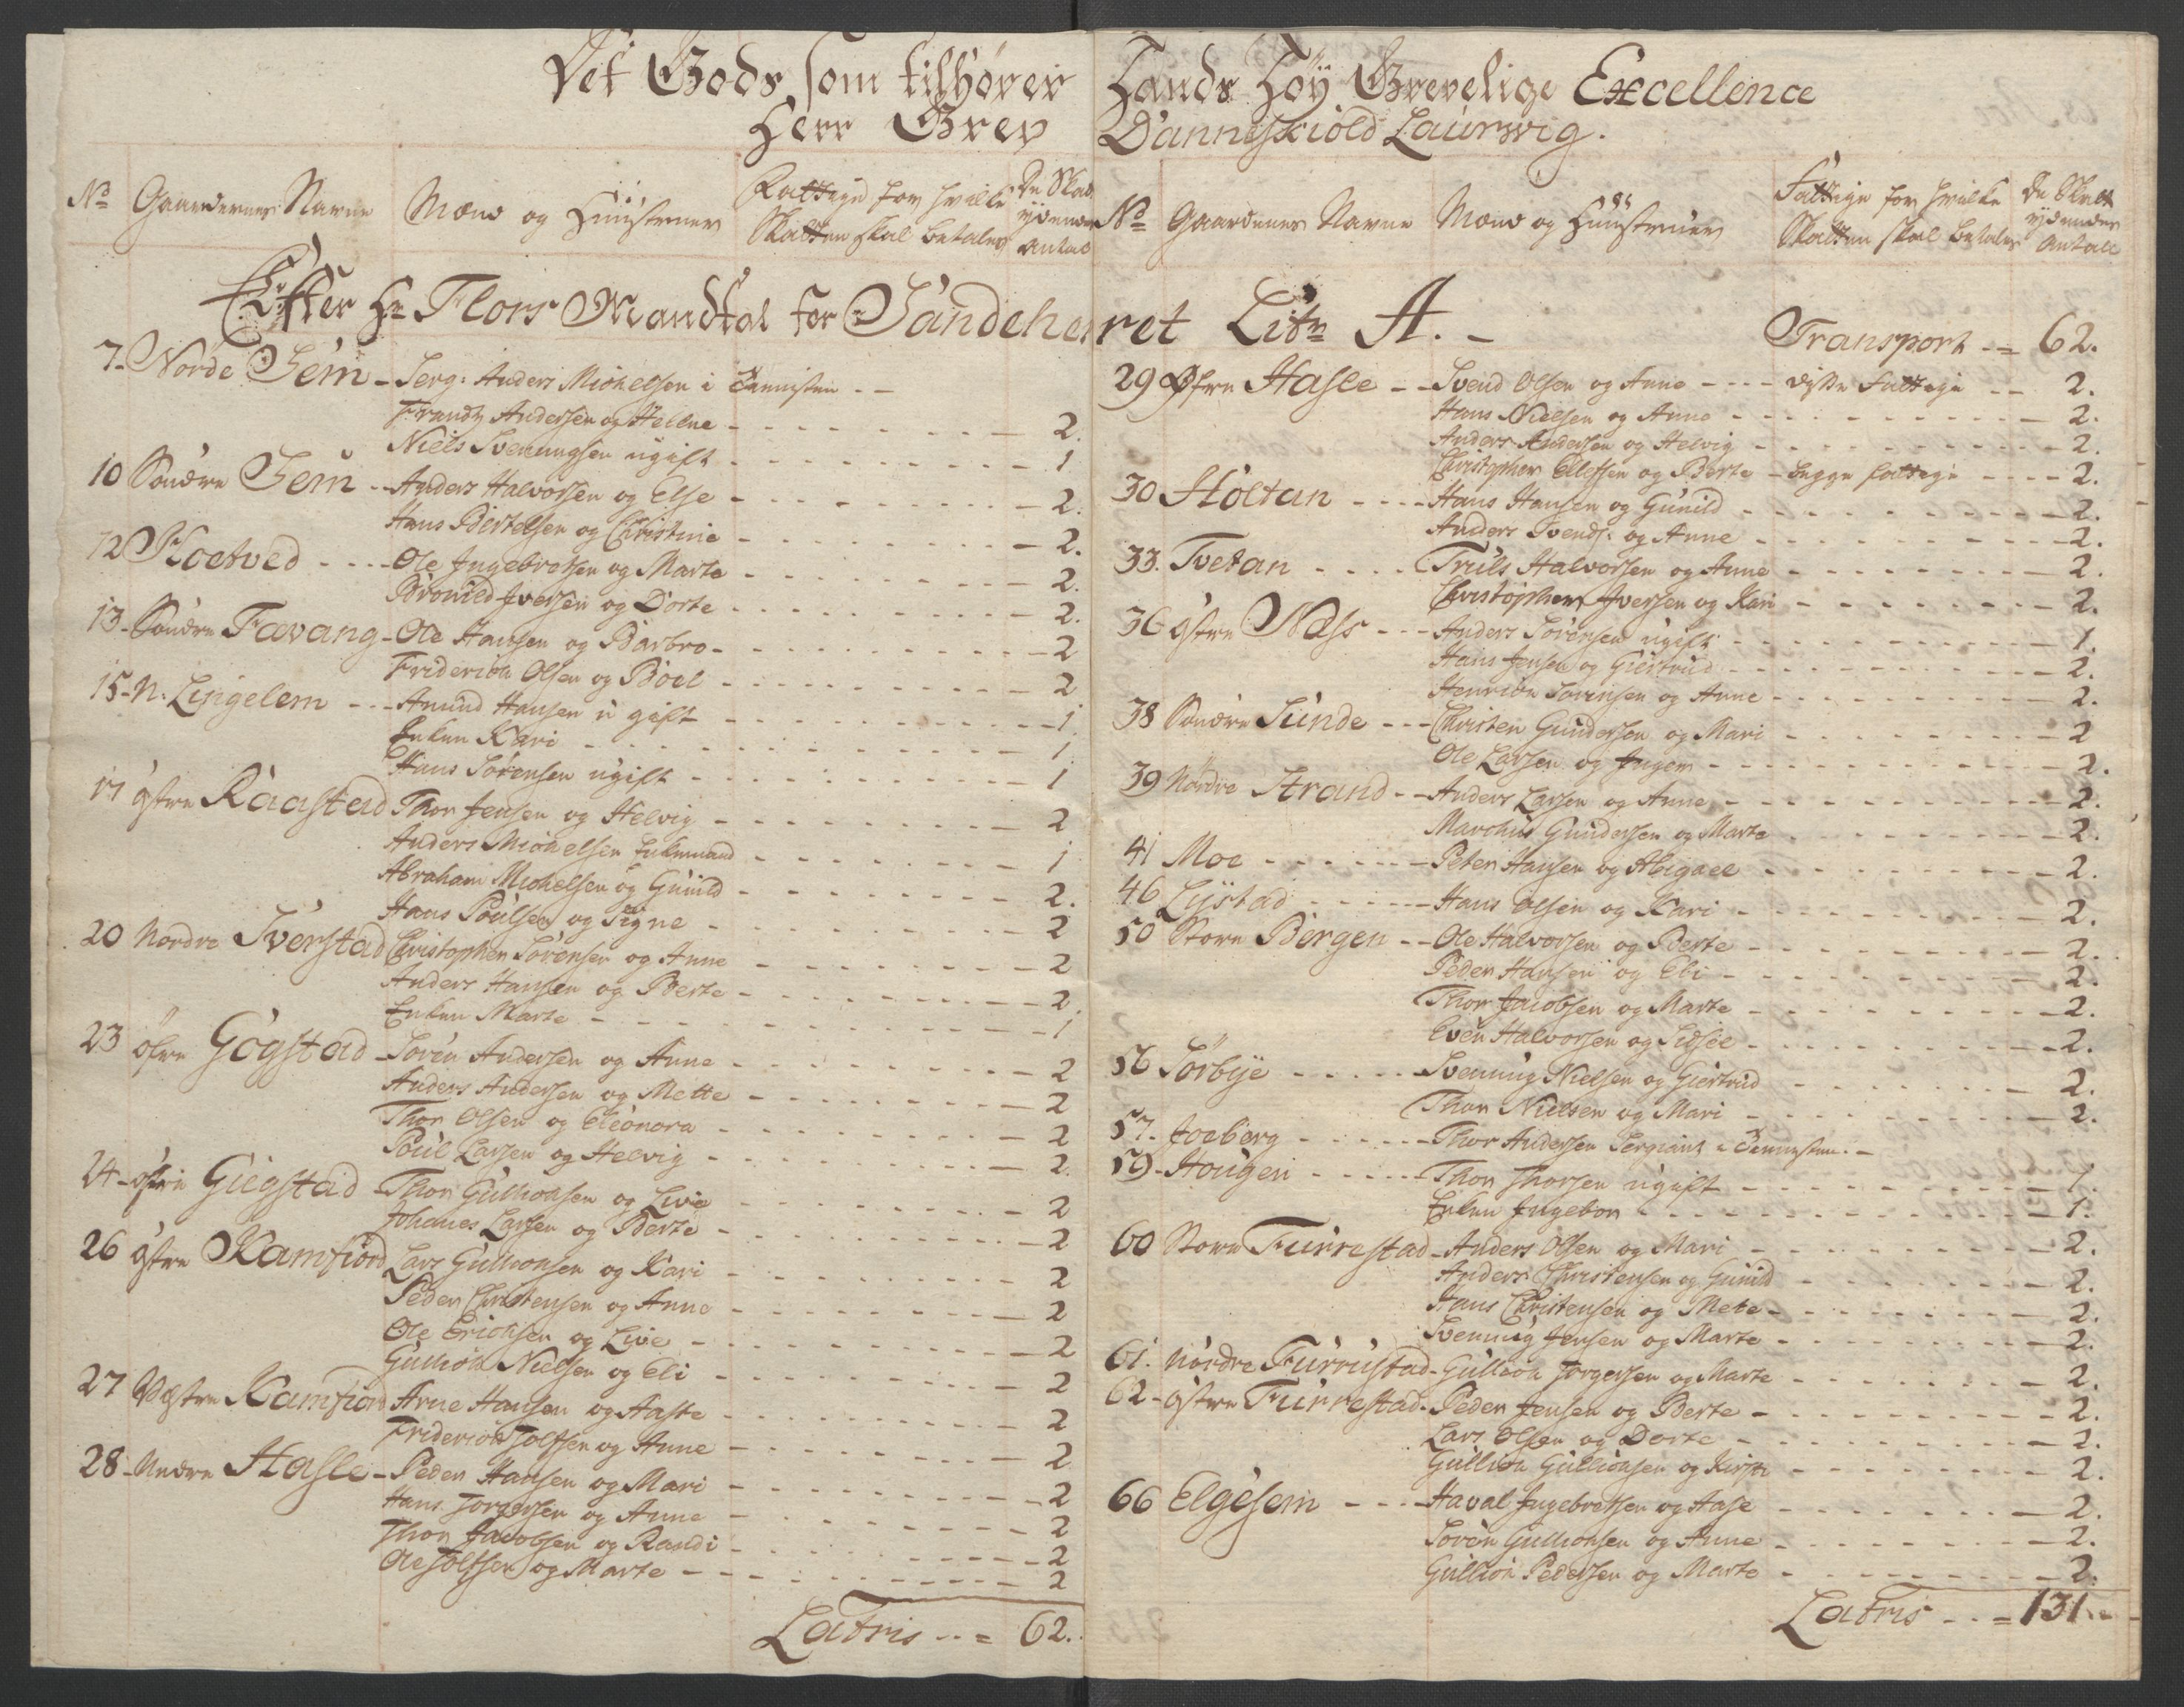 RA, Rentekammeret inntil 1814, Reviderte regnskaper, Fogderegnskap, R33/L2033: Ekstraskatten Larvik grevskap, 1762-1764, s. 549